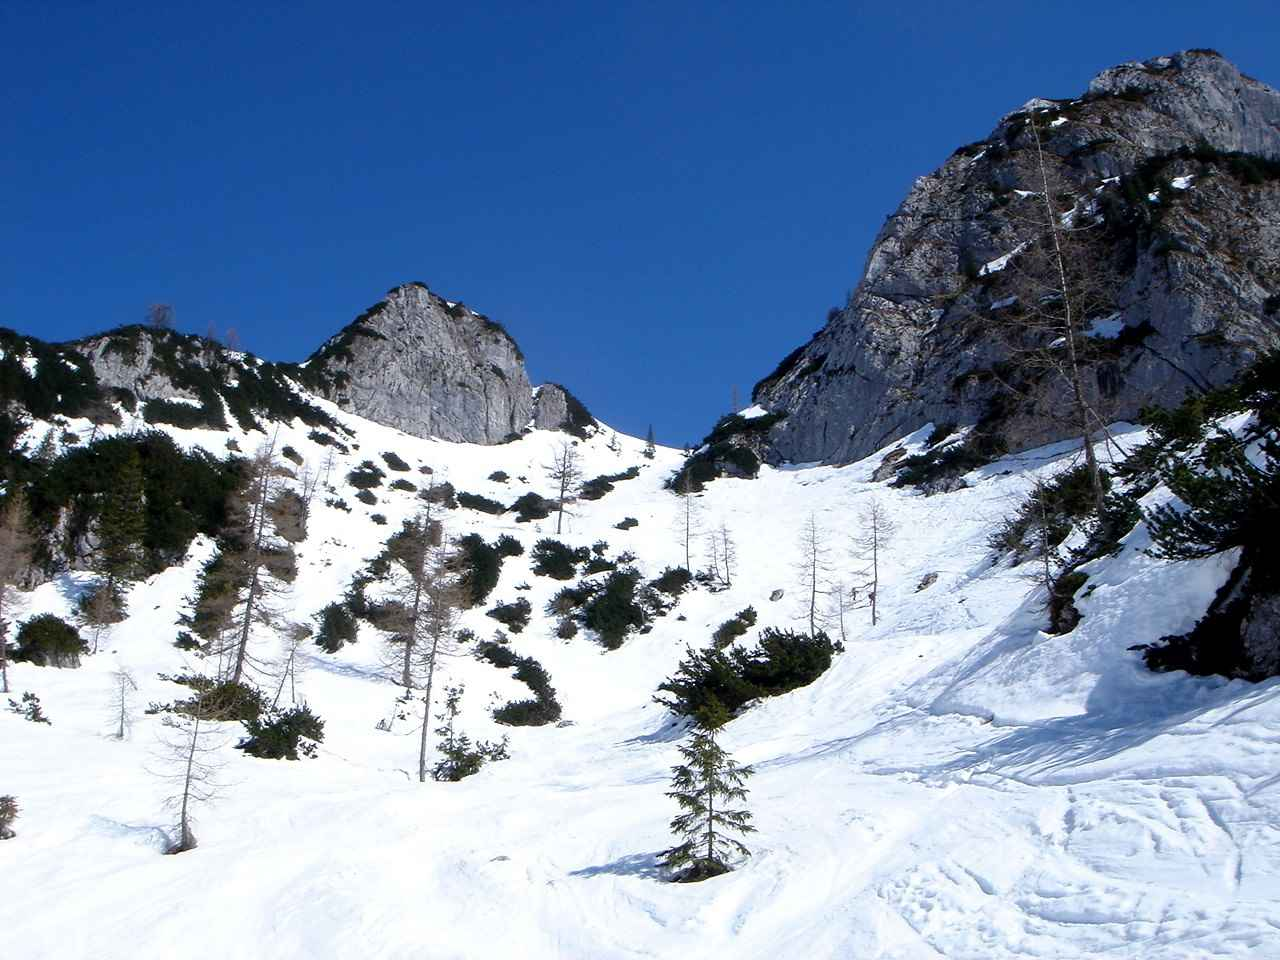 Foto: Manfred Karl / Ski Tour / Hoher Göll, 2522m / Mittlerer Teil des Alpeltals. / 18.05.2007 06:43:57